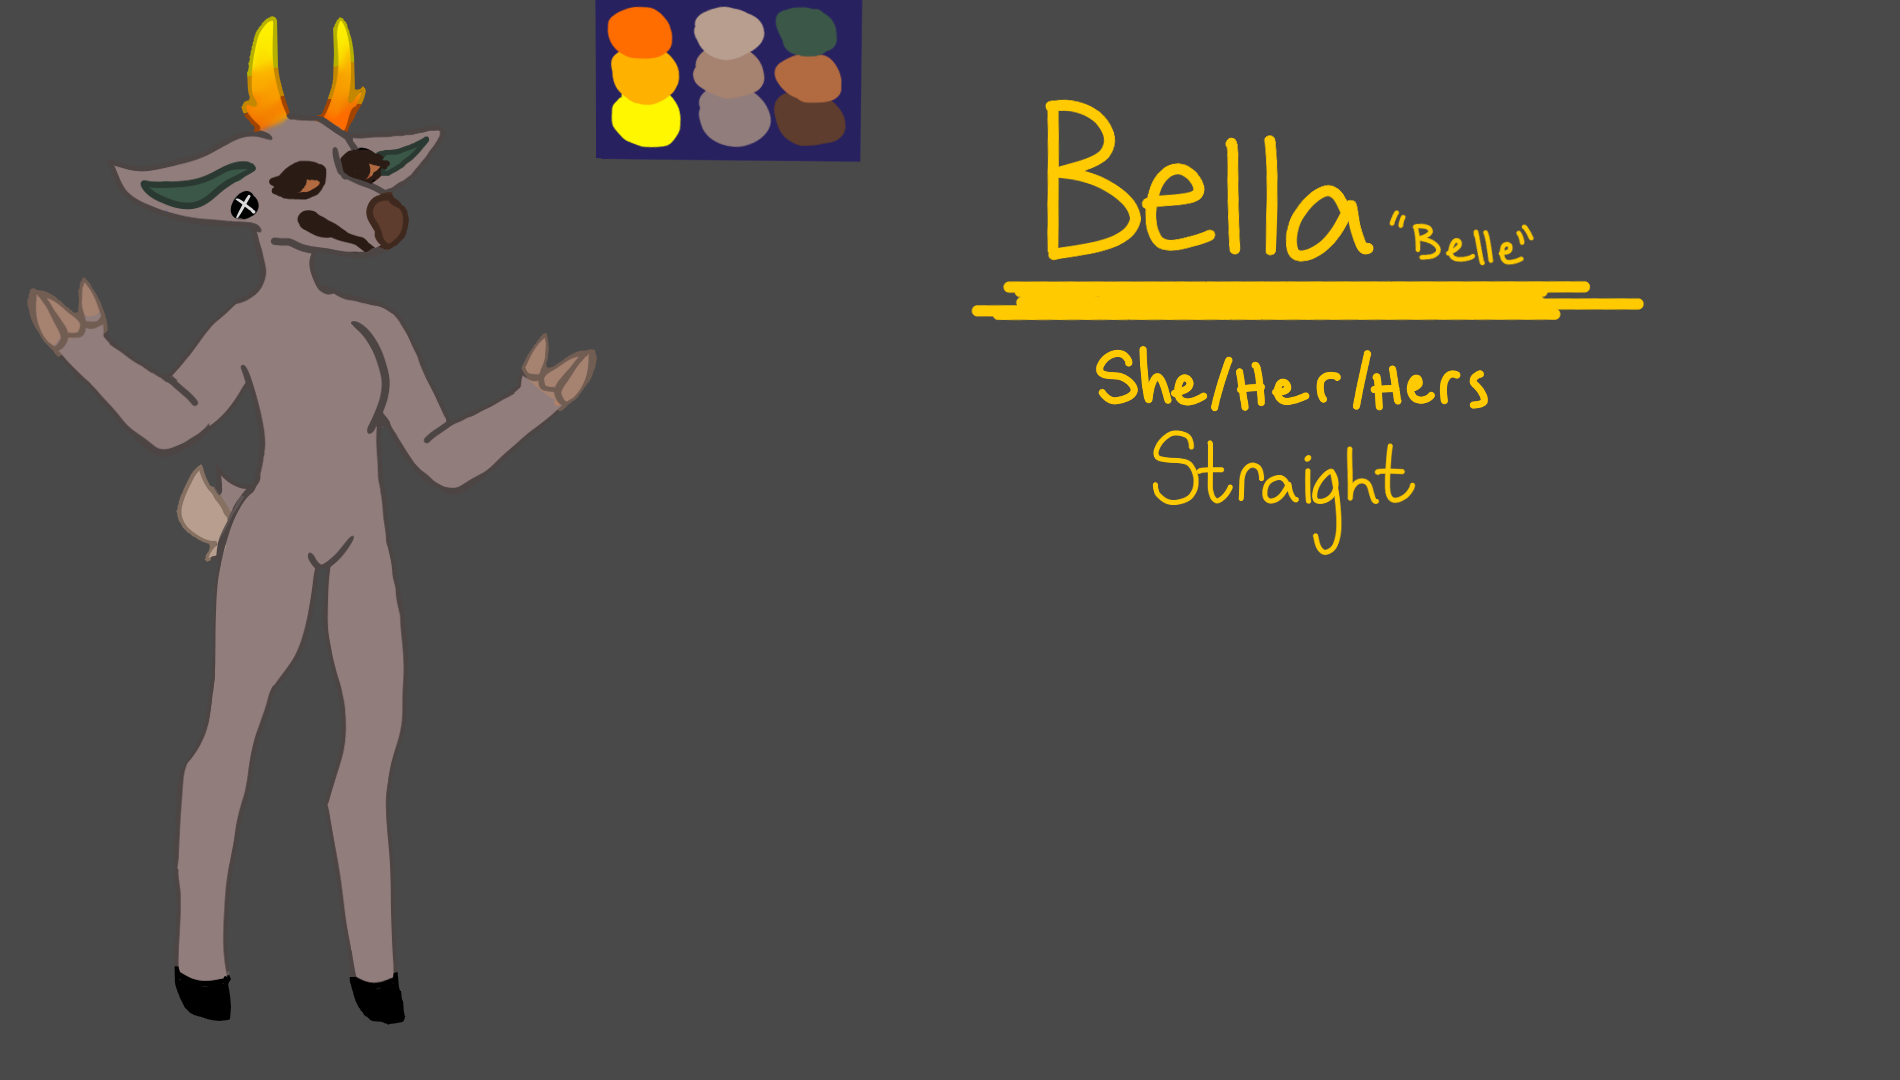 Belle_ref.png